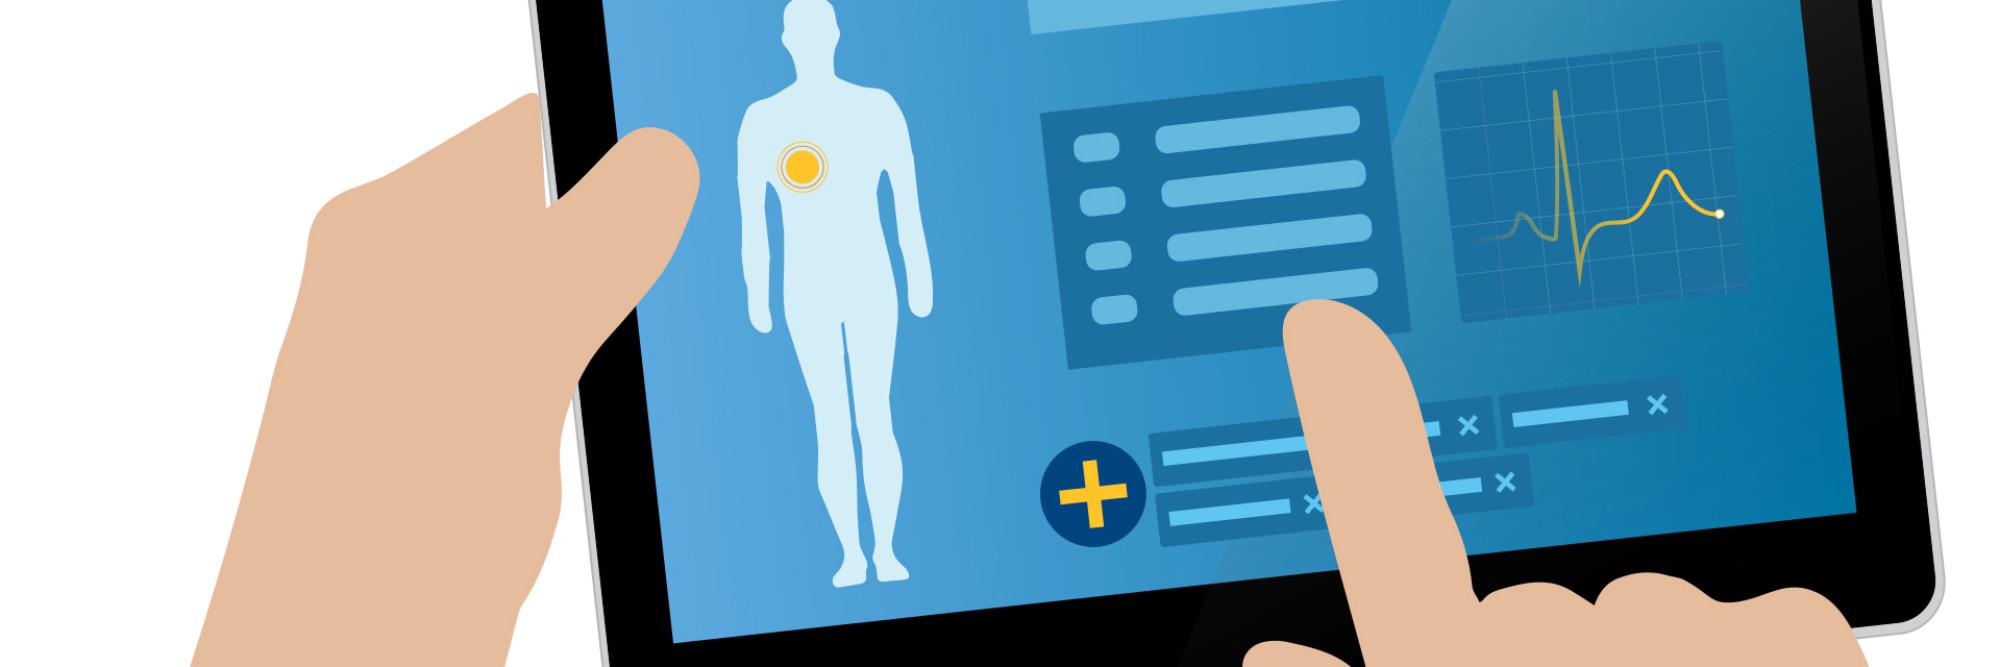 Schematische Darstellung eines Tablets, auf dem Patientendaten angezeigt werden.